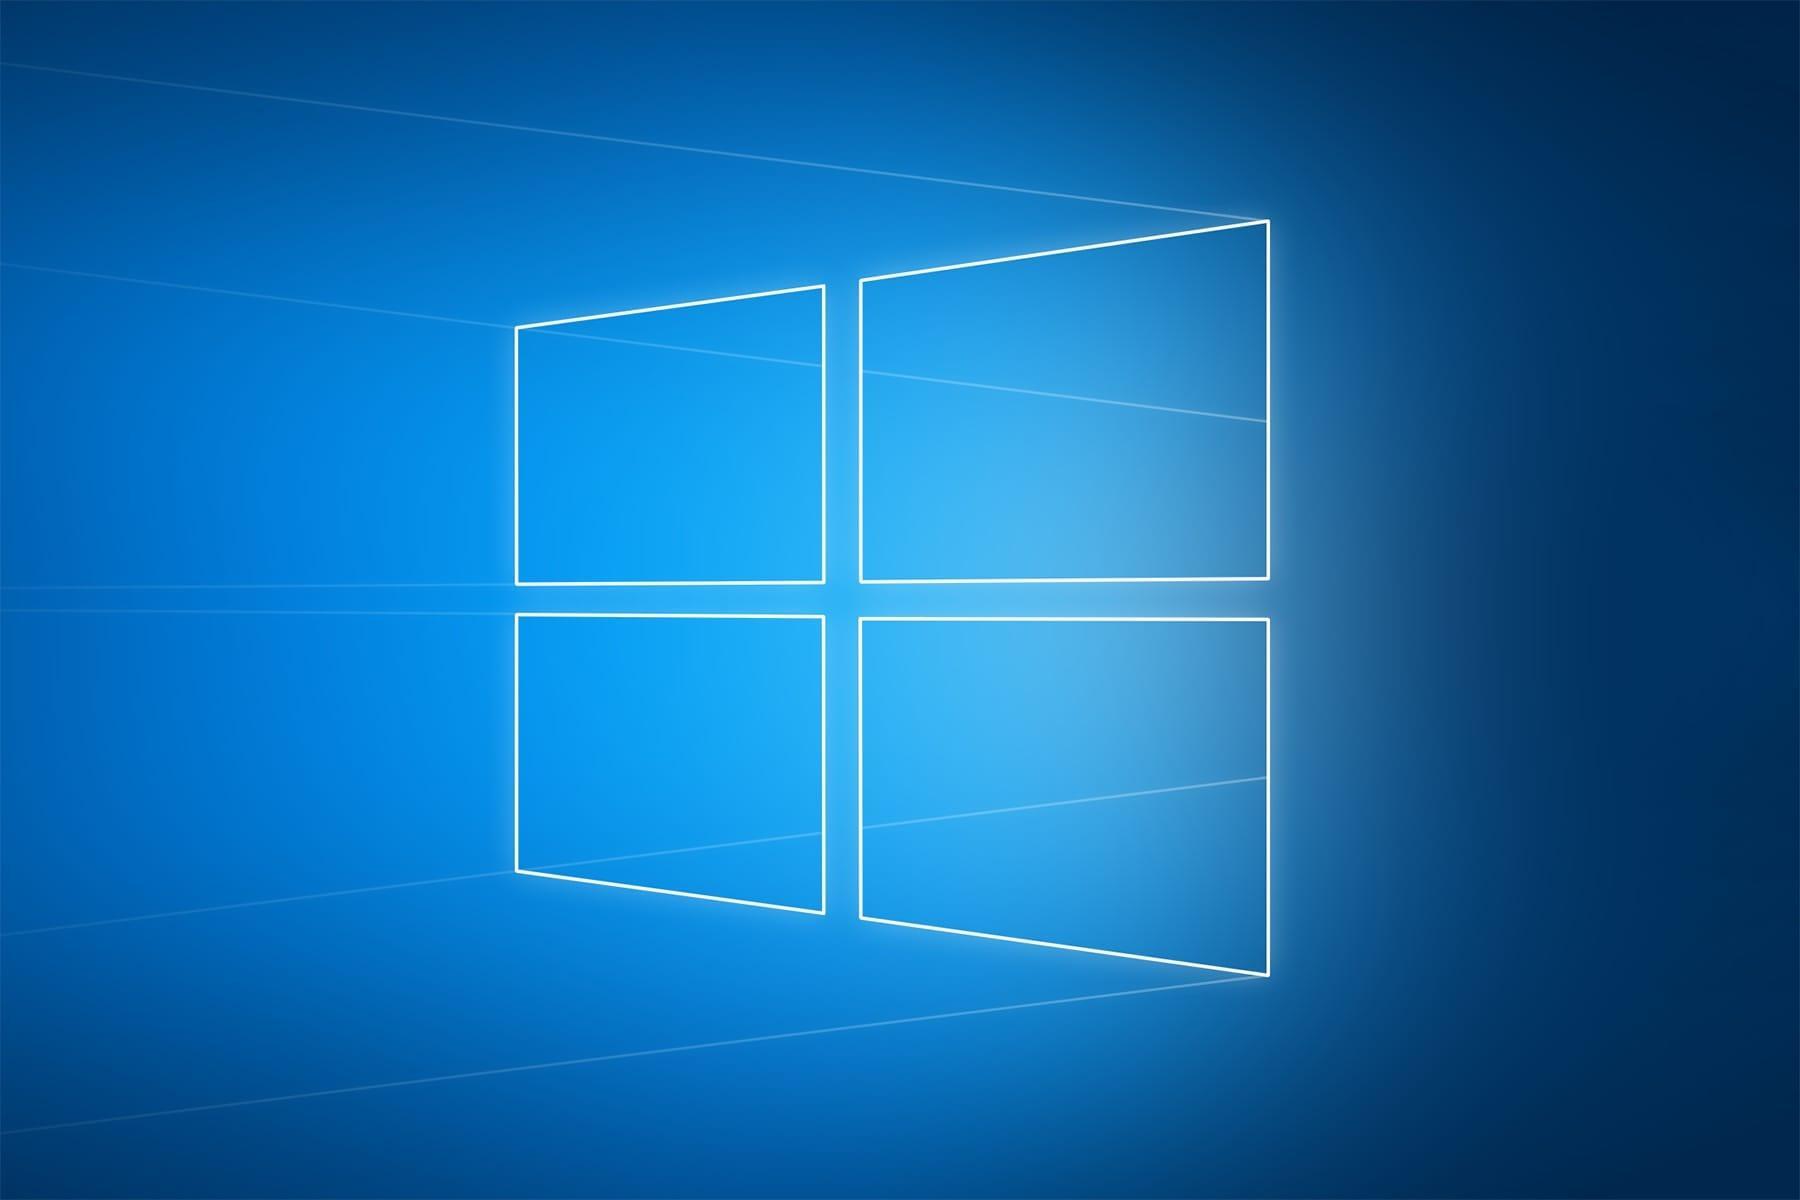 В ОС Windows 10 добавили темную тему оформления